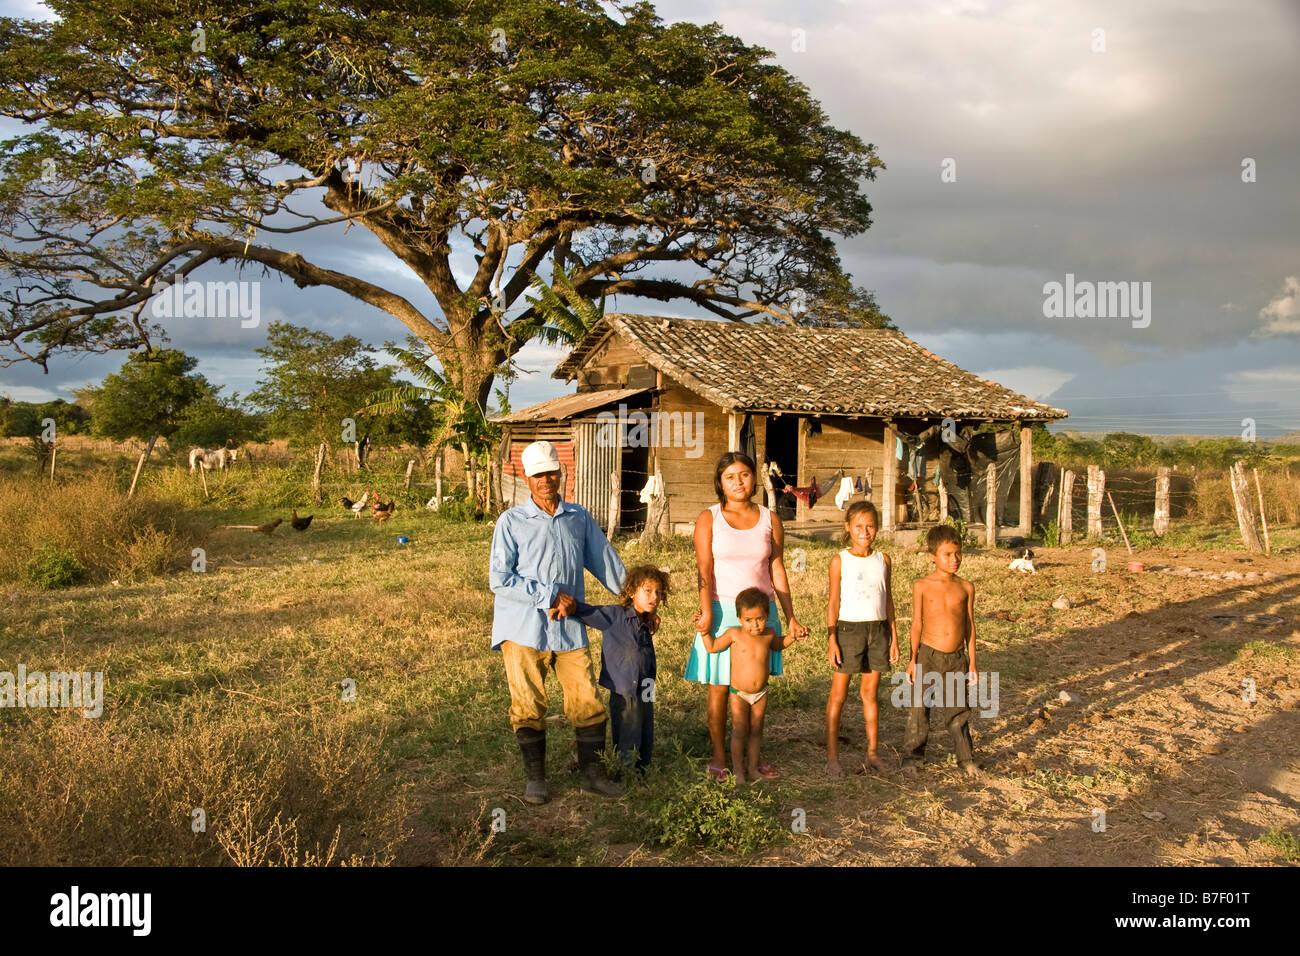 Knecht mit seiner Familie vor ihrem Haus in ländlichen Rivas Abteilung westlich von Nicaragua-See Stockbild